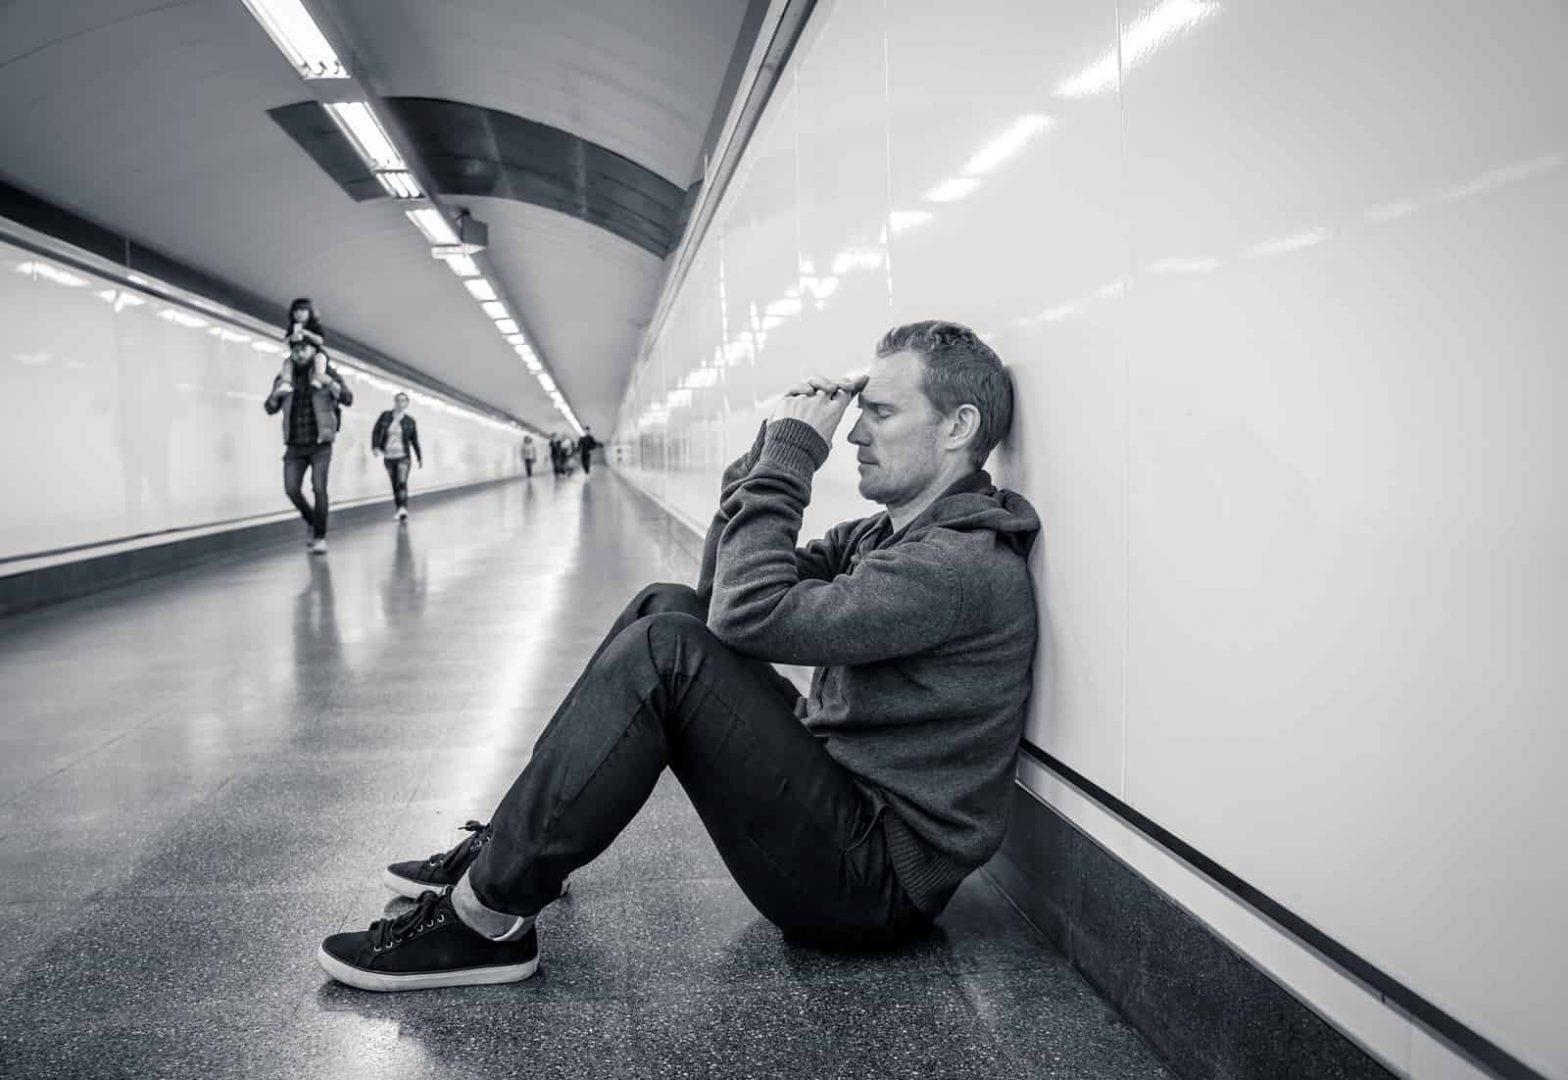 מהי הפרעת חרדה חמורה - אורטל קמר טיפול בפסיכותרפיה-min